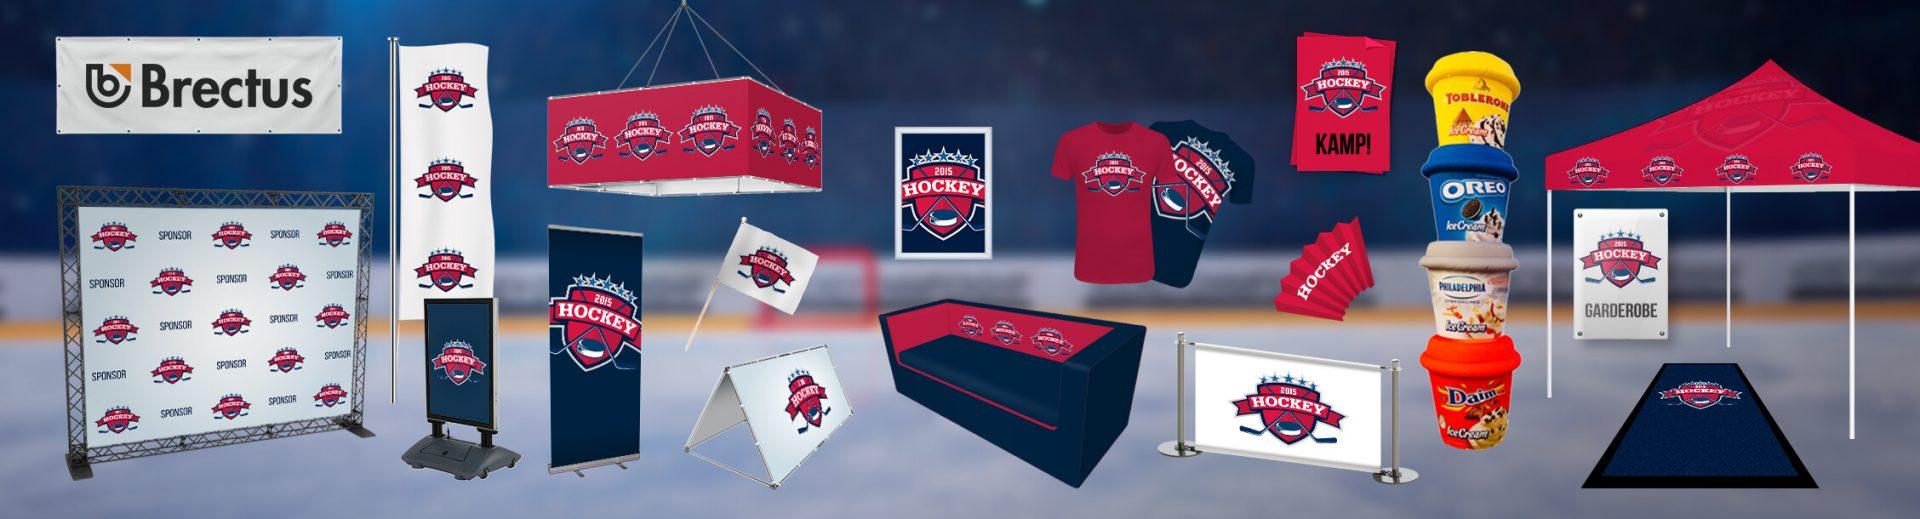 Ice Hockey Brectus Arena Advertising